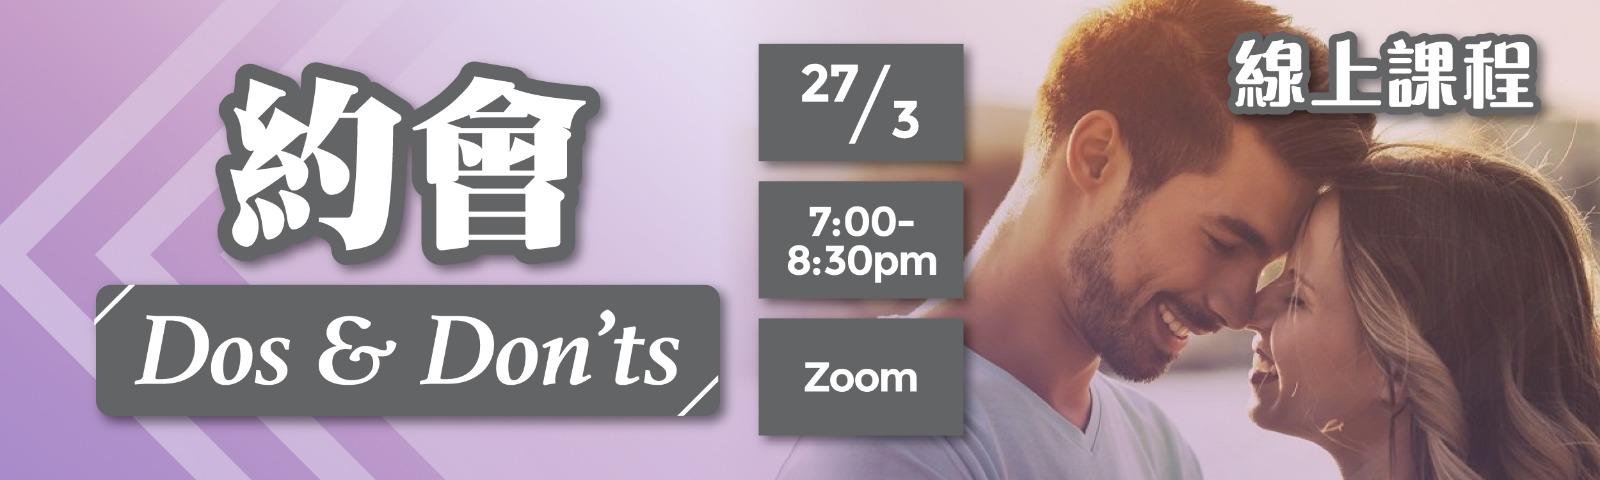 (完滿舉行)約會Dos & Don'ts (線上版) 分析衣著、溝通技巧 及成功、失敗個案 - 2020 年3月27日(星期五)  香港交友約會業總會 Hong Kong Speed Dating Federation - 一對一約會, 單對單約會, 約會行業, 約會配對